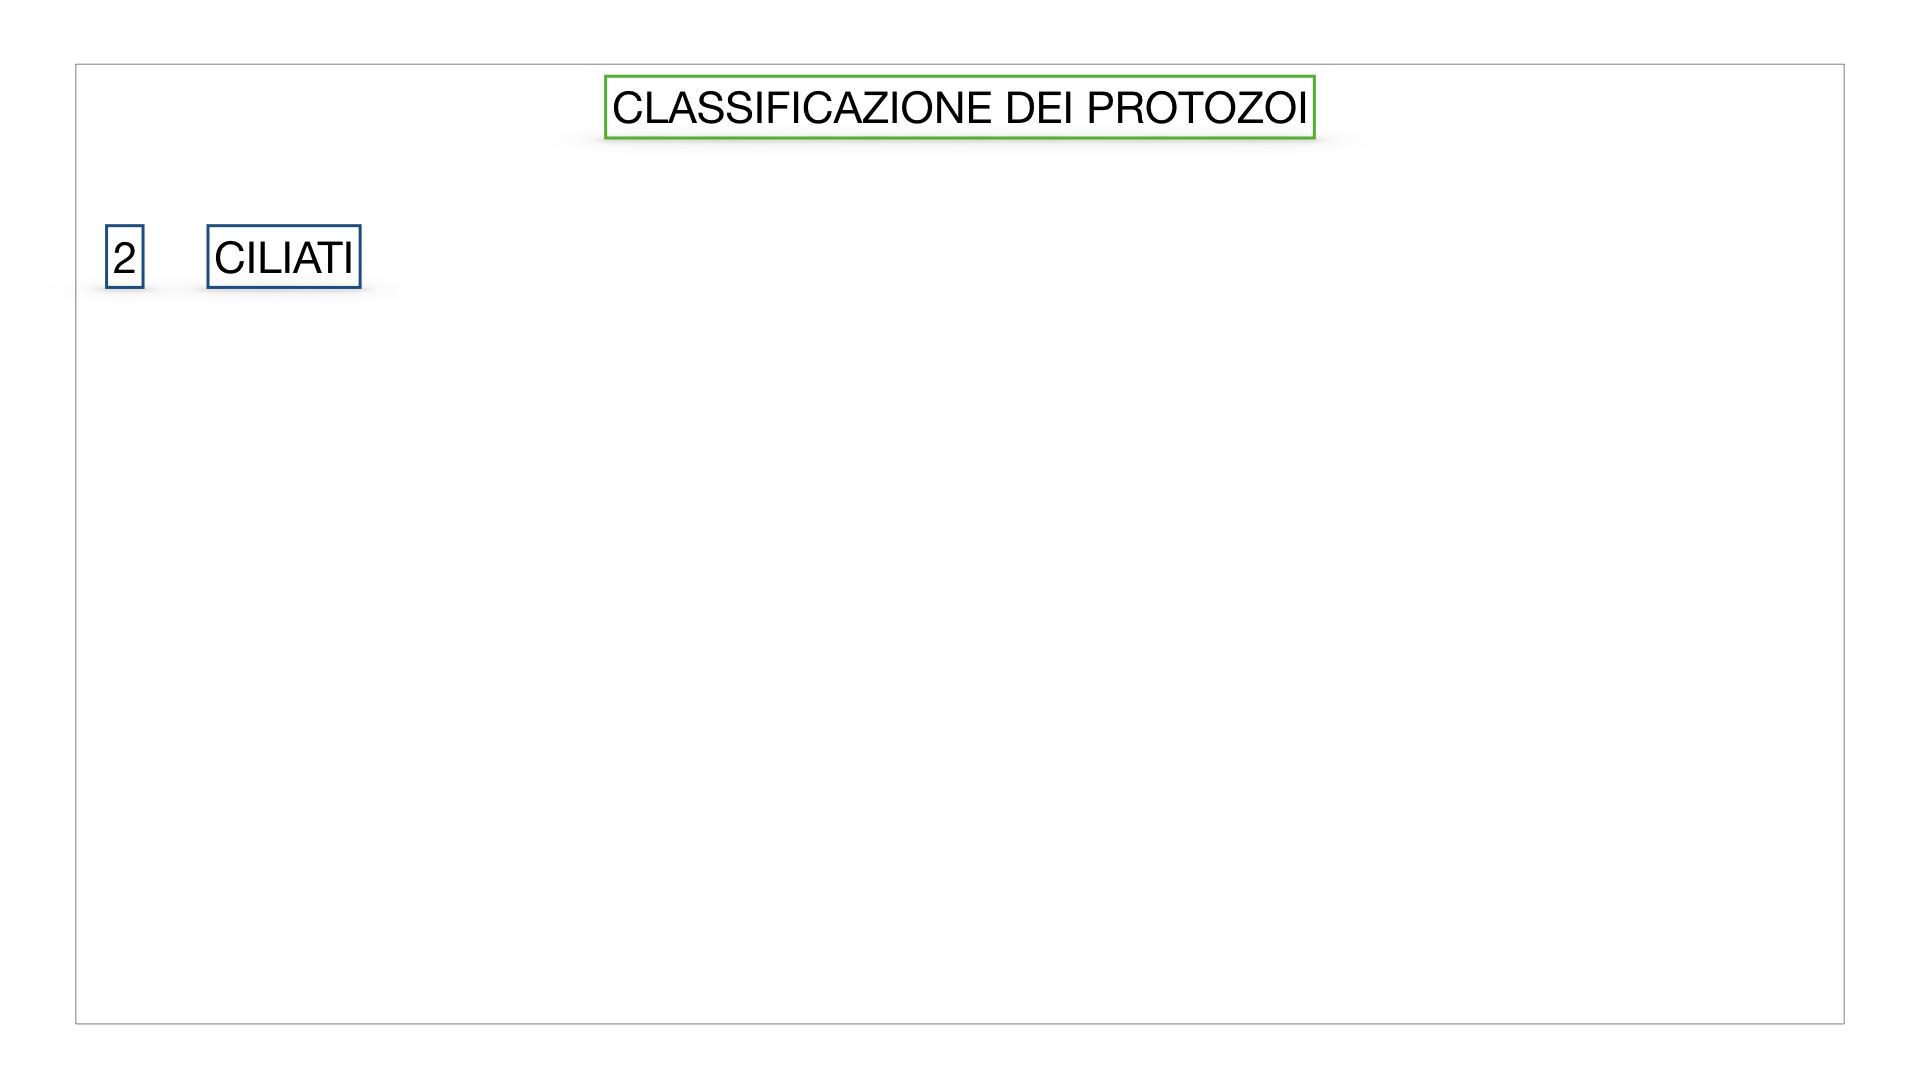 6. PROTOZOI_classificazione_SIMULAZIONE.022